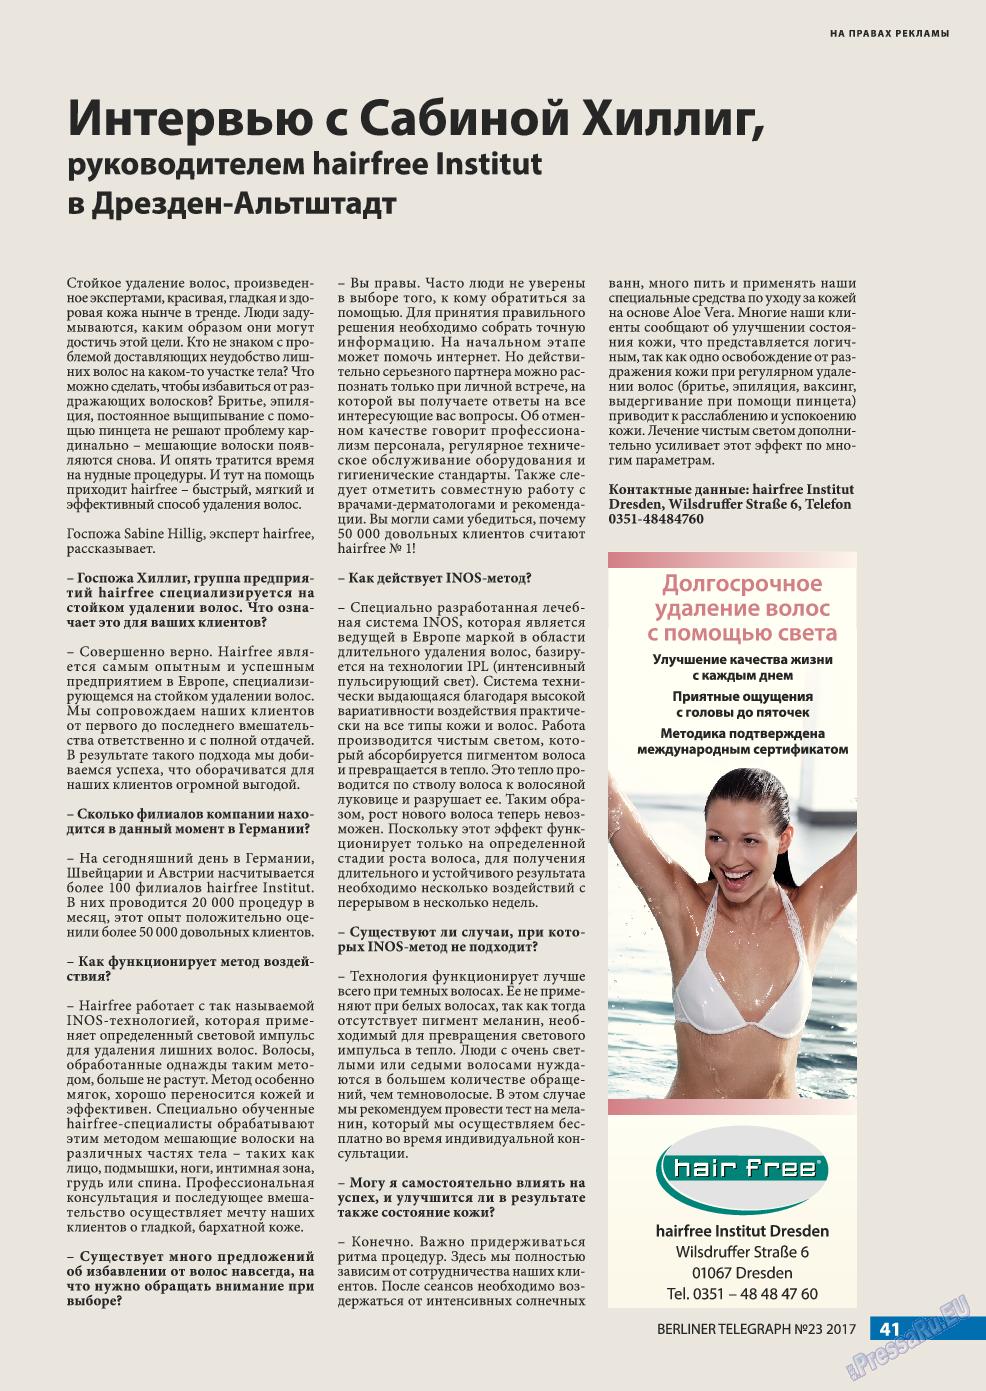 Берлинский телеграф (журнал). 2017 год, номер 23, стр. 41